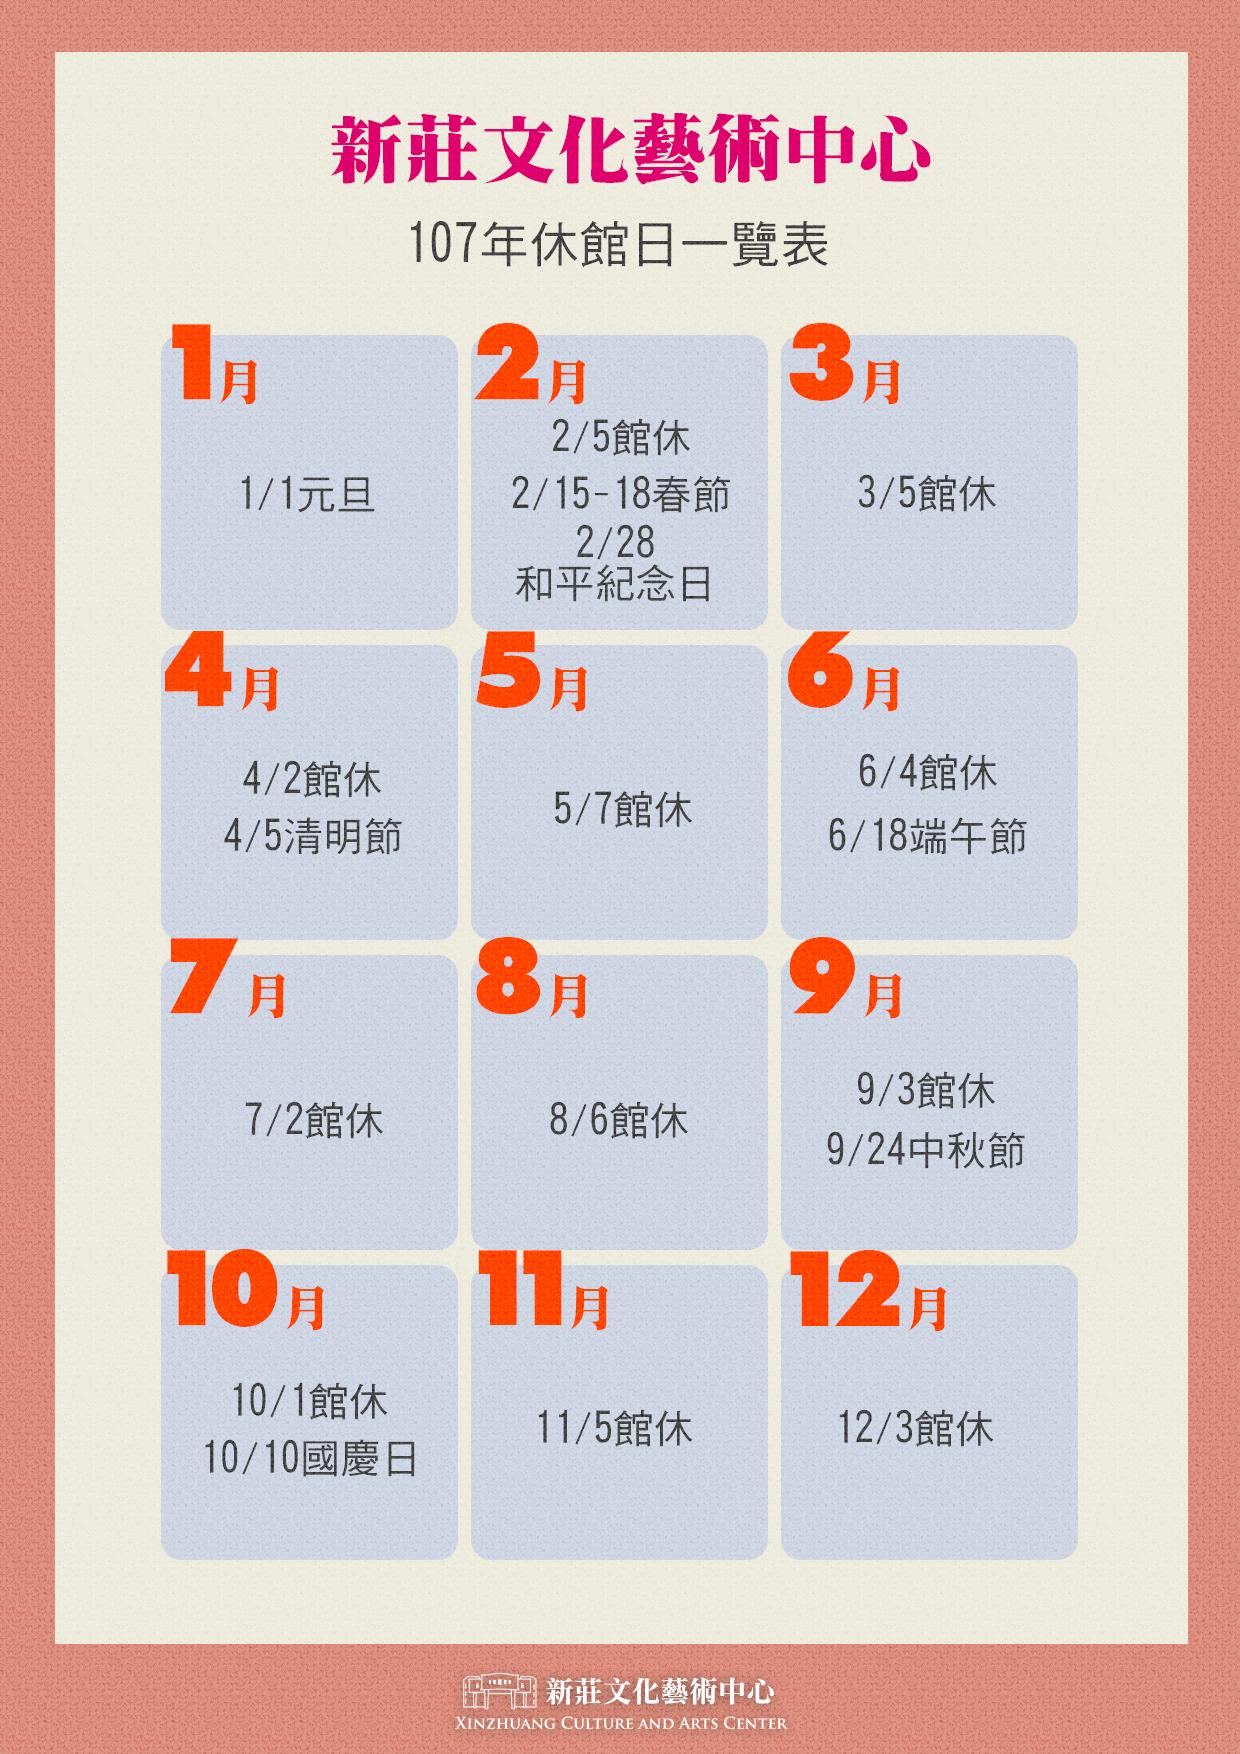 107年新莊文化藝術中心休館日一覽表